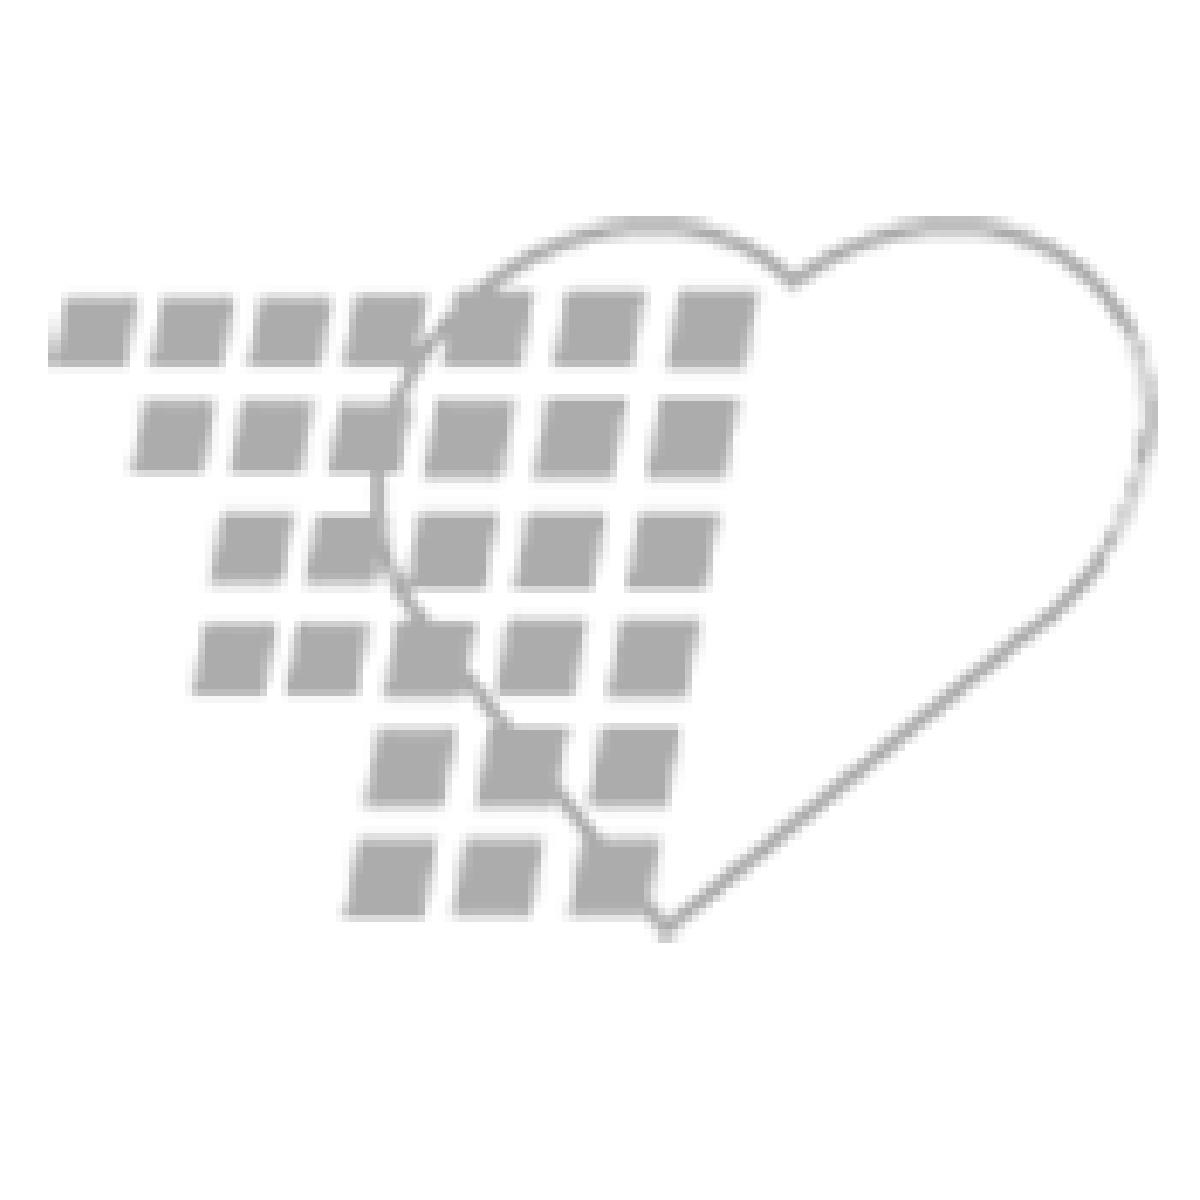 08-12-1201 - Povidone Iodine Swabsticks